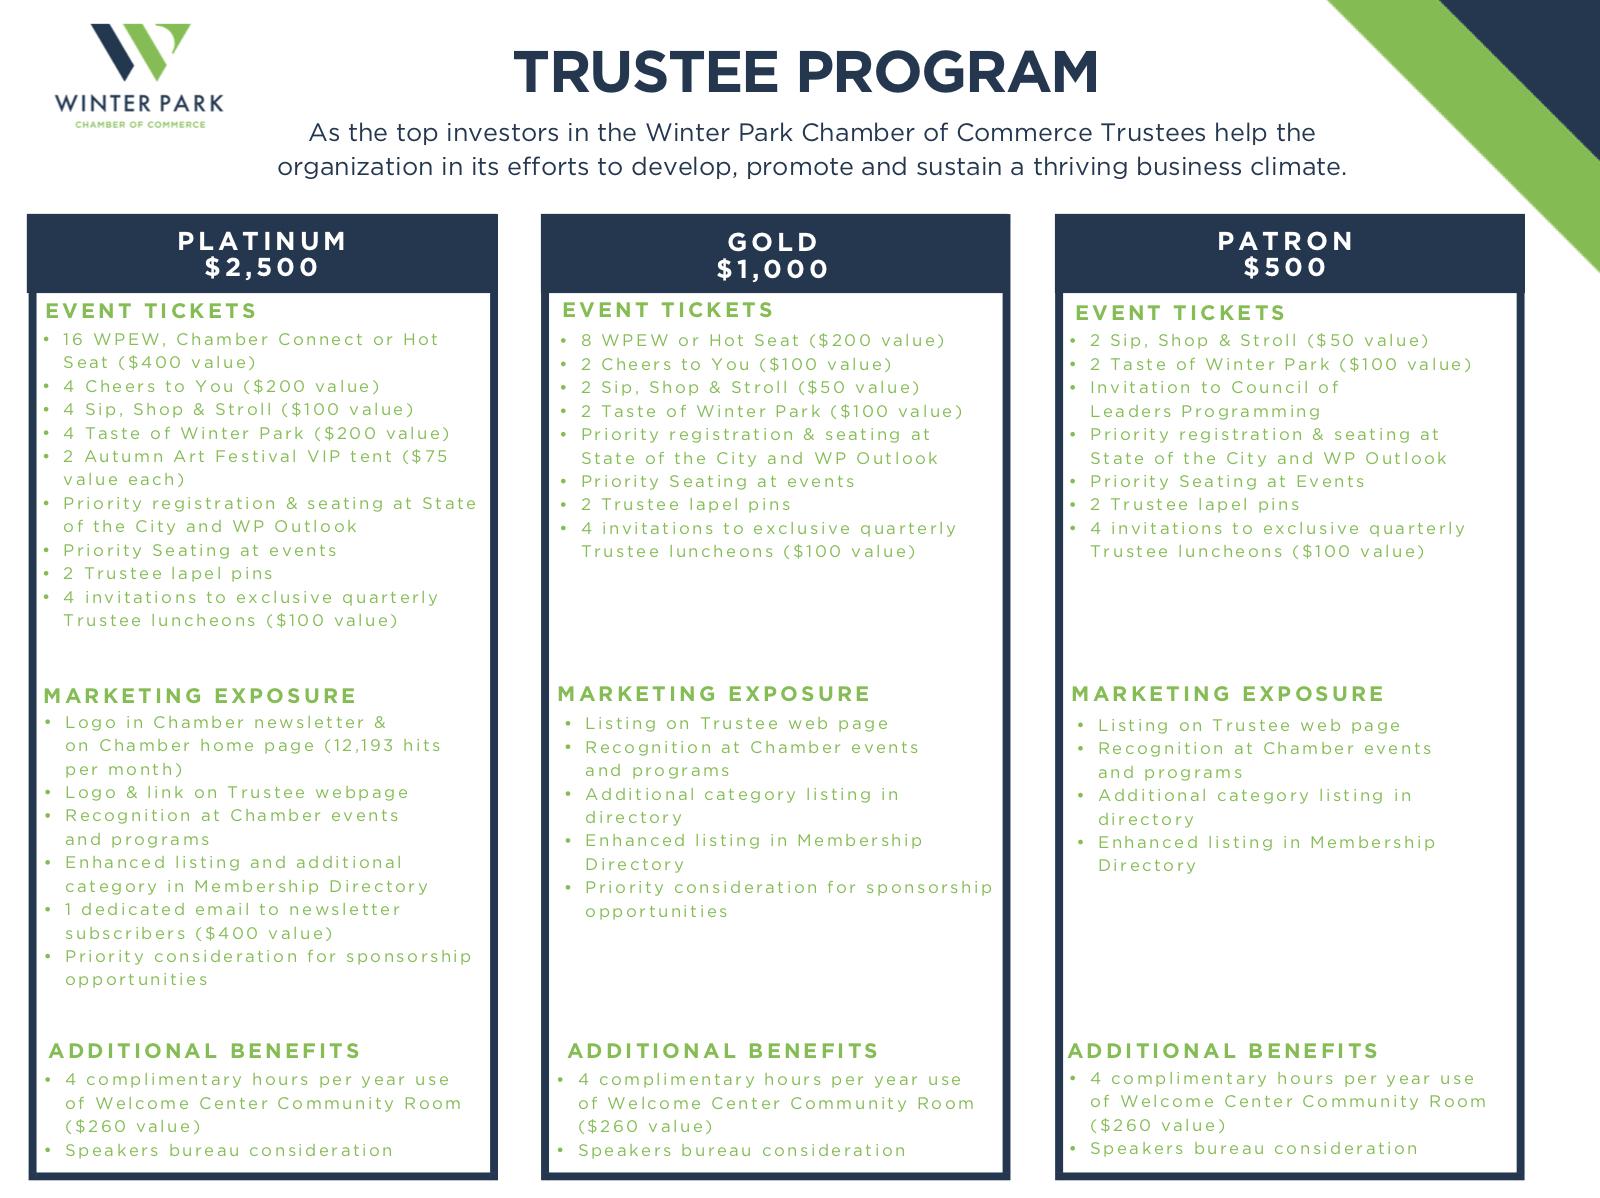 Trustee Program - Winter Park Chamber of Commerce, FL